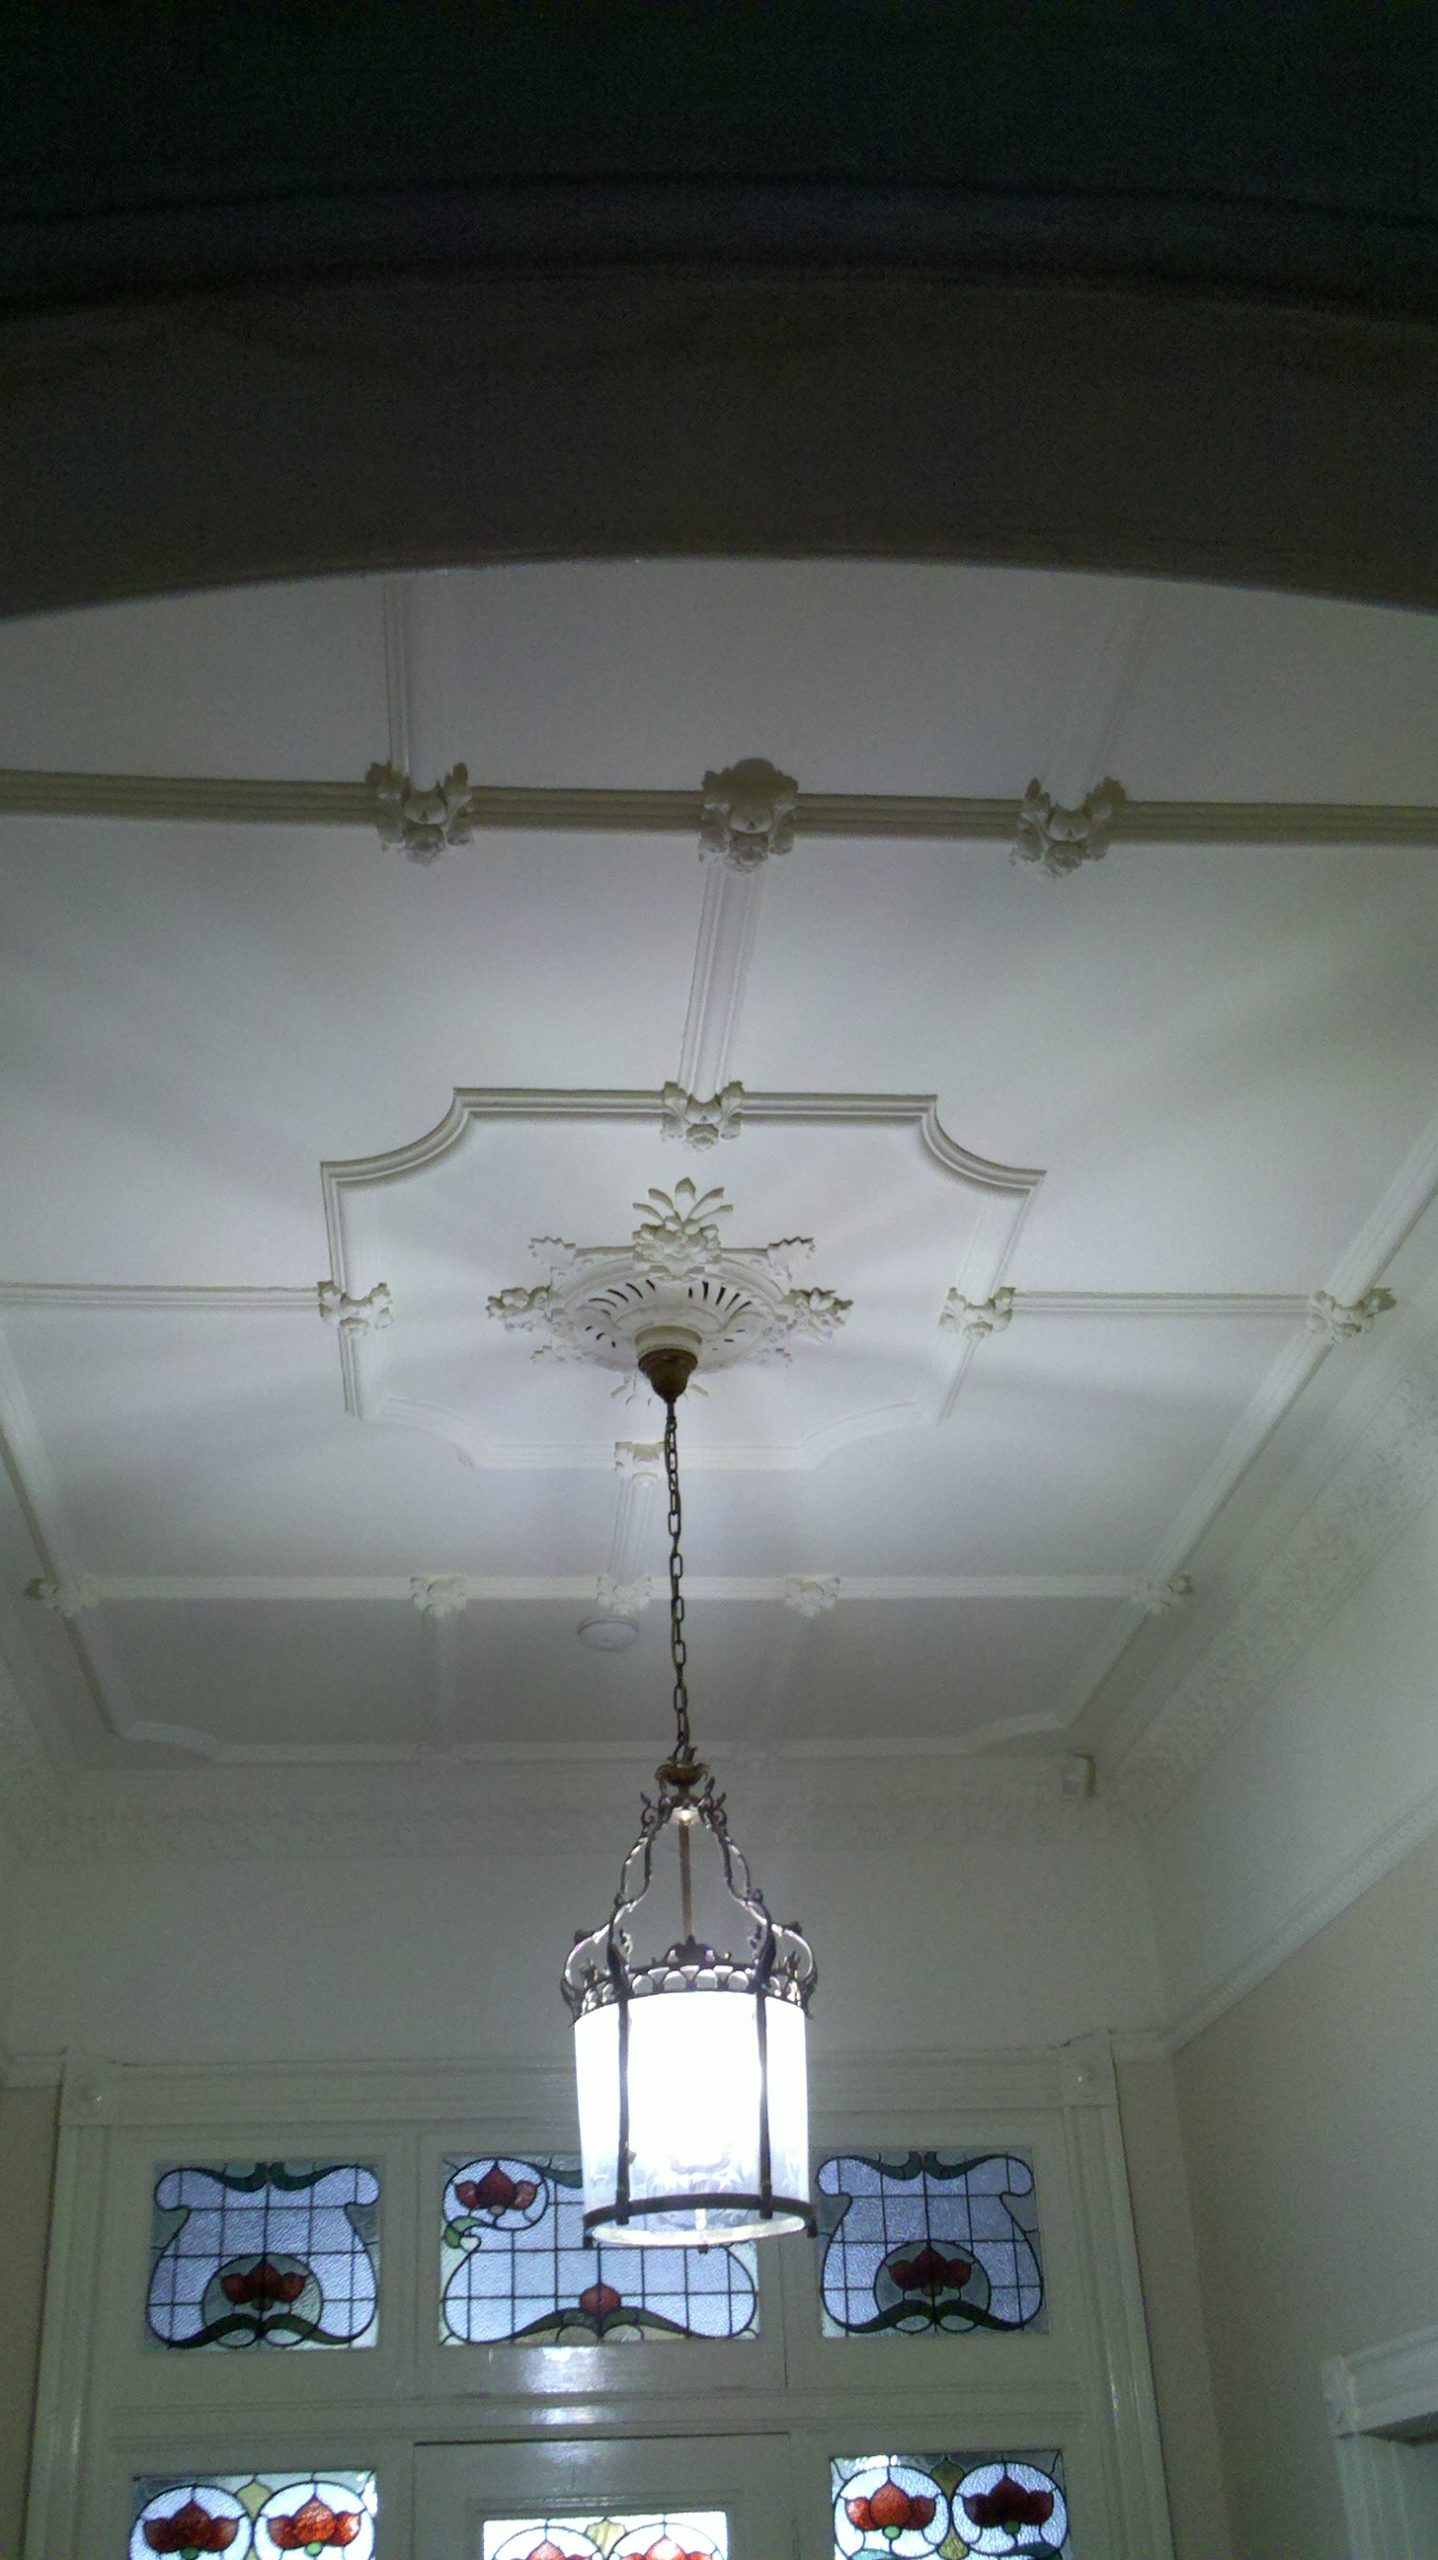 Period ornate ceiling